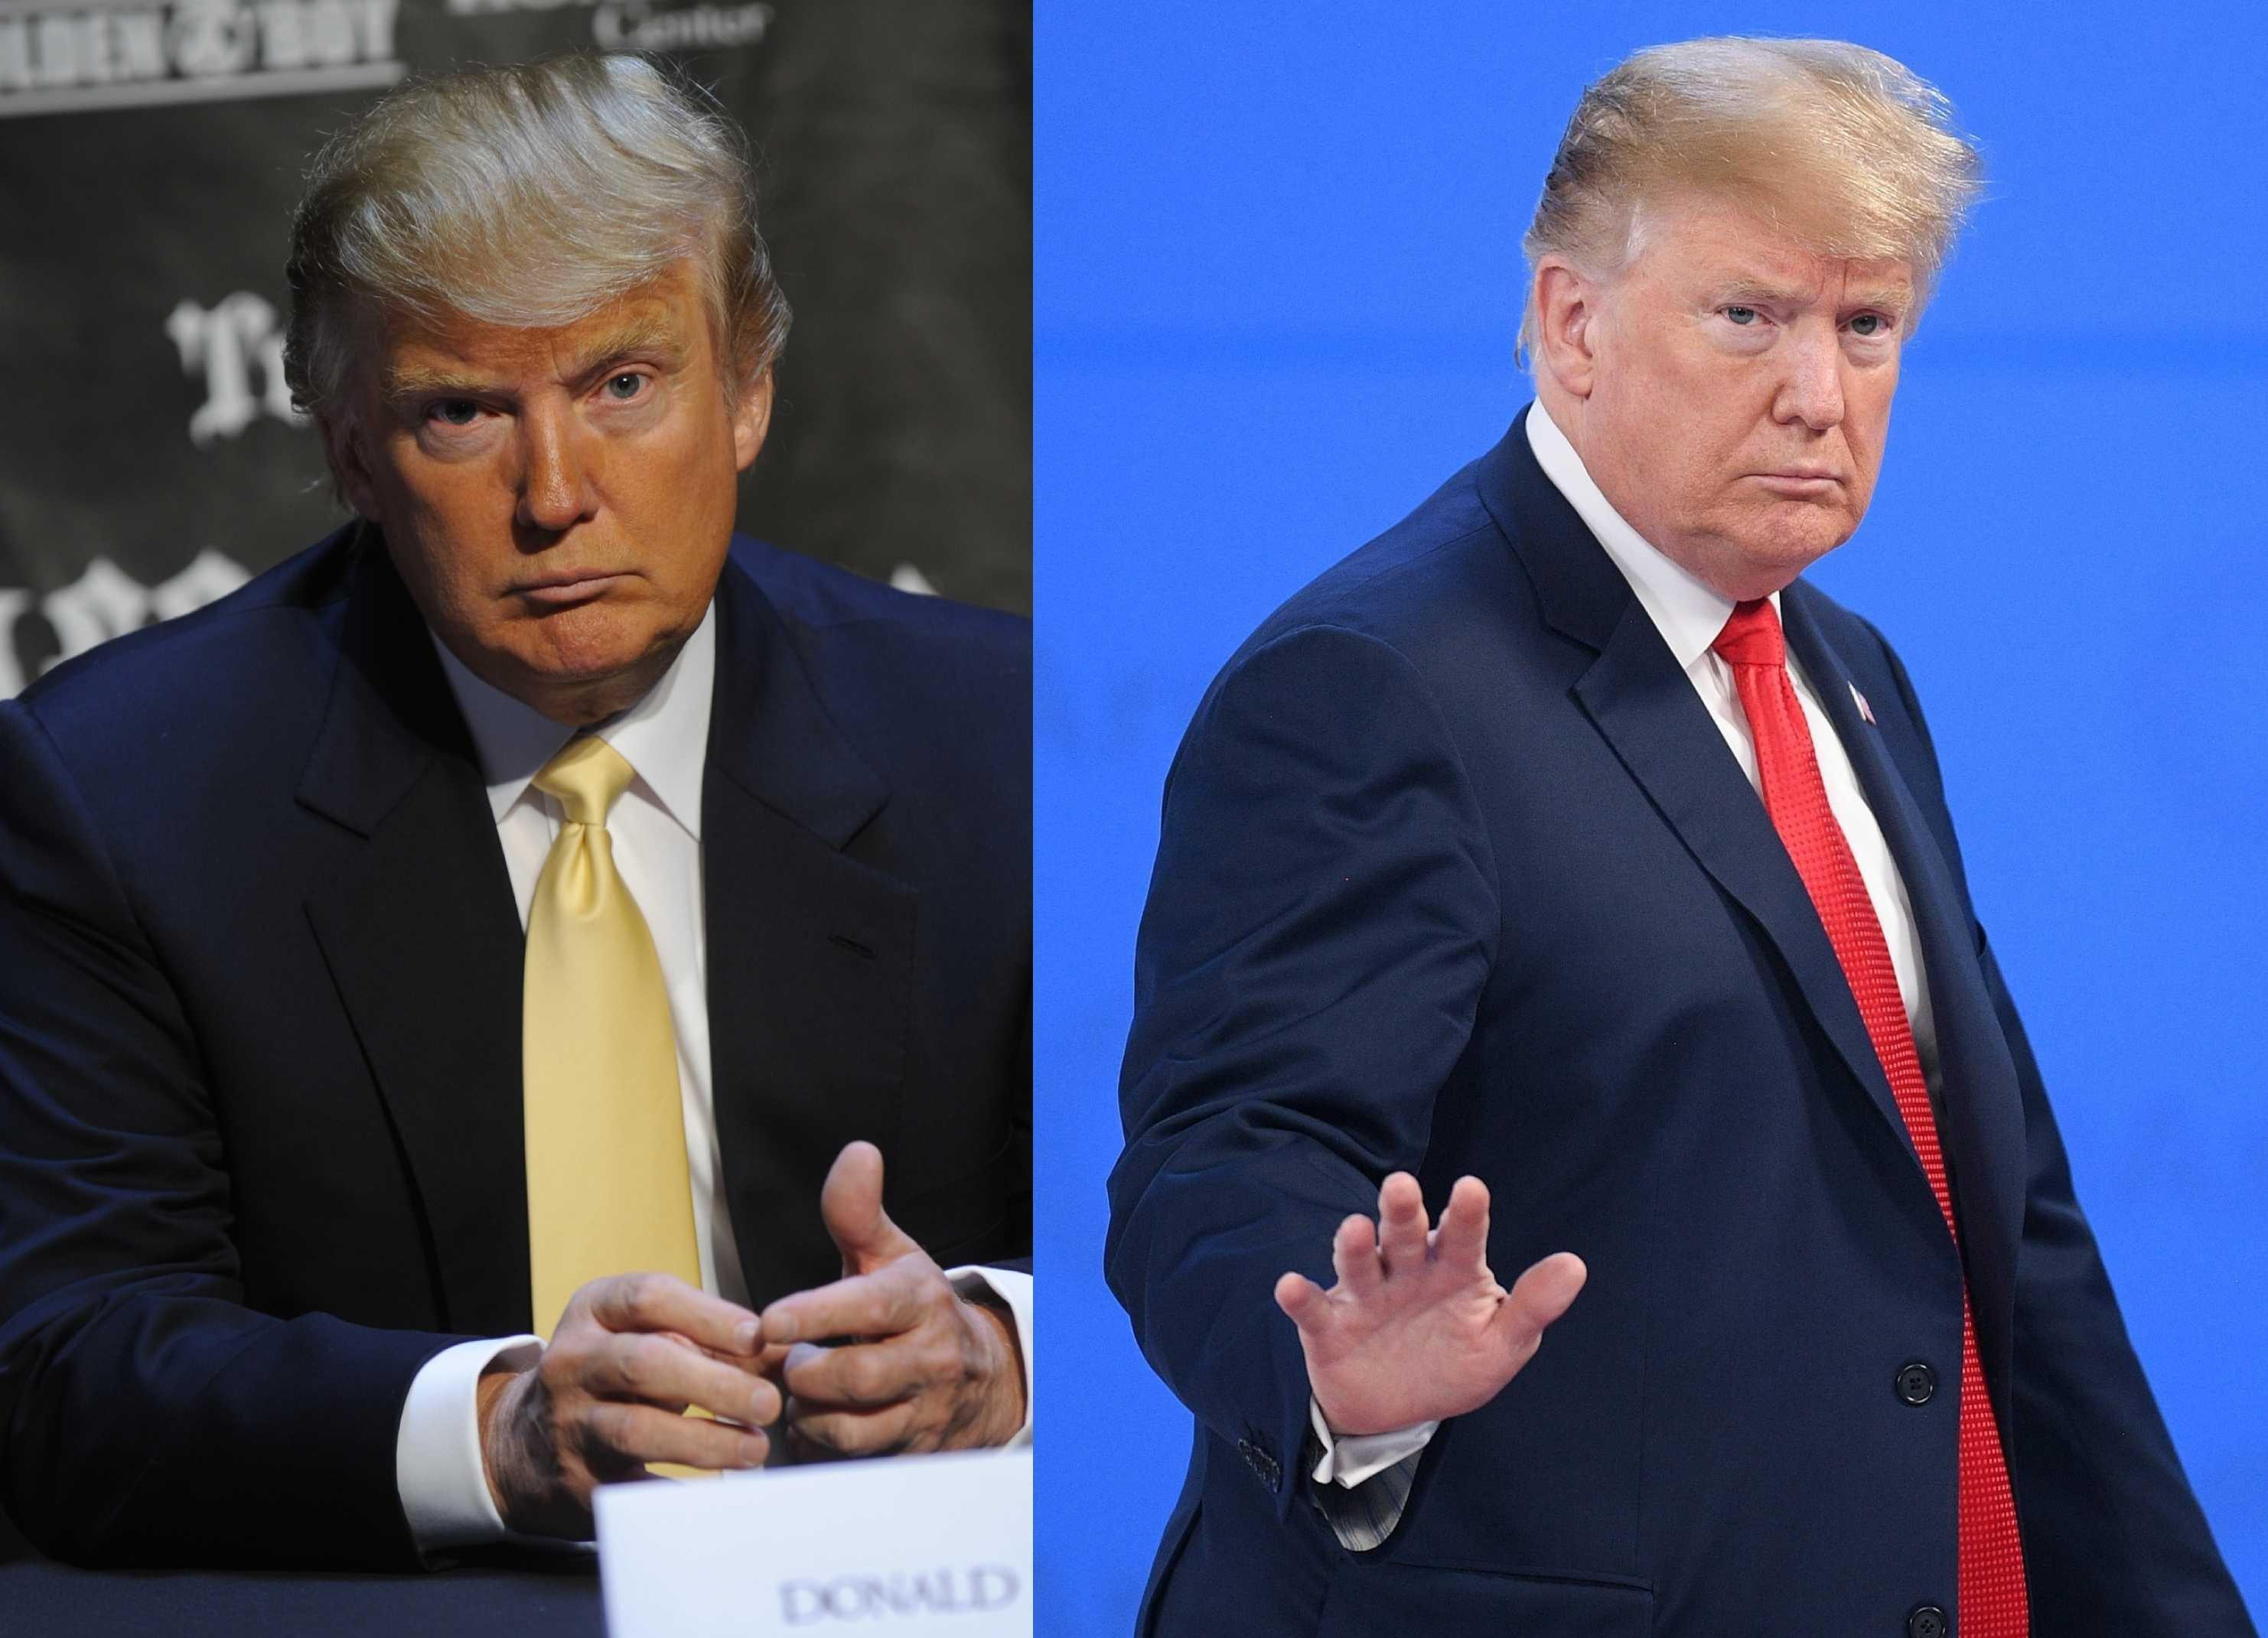 El actual mandatario estadounidense, Donald Trump, en el 2009 y en el 2018